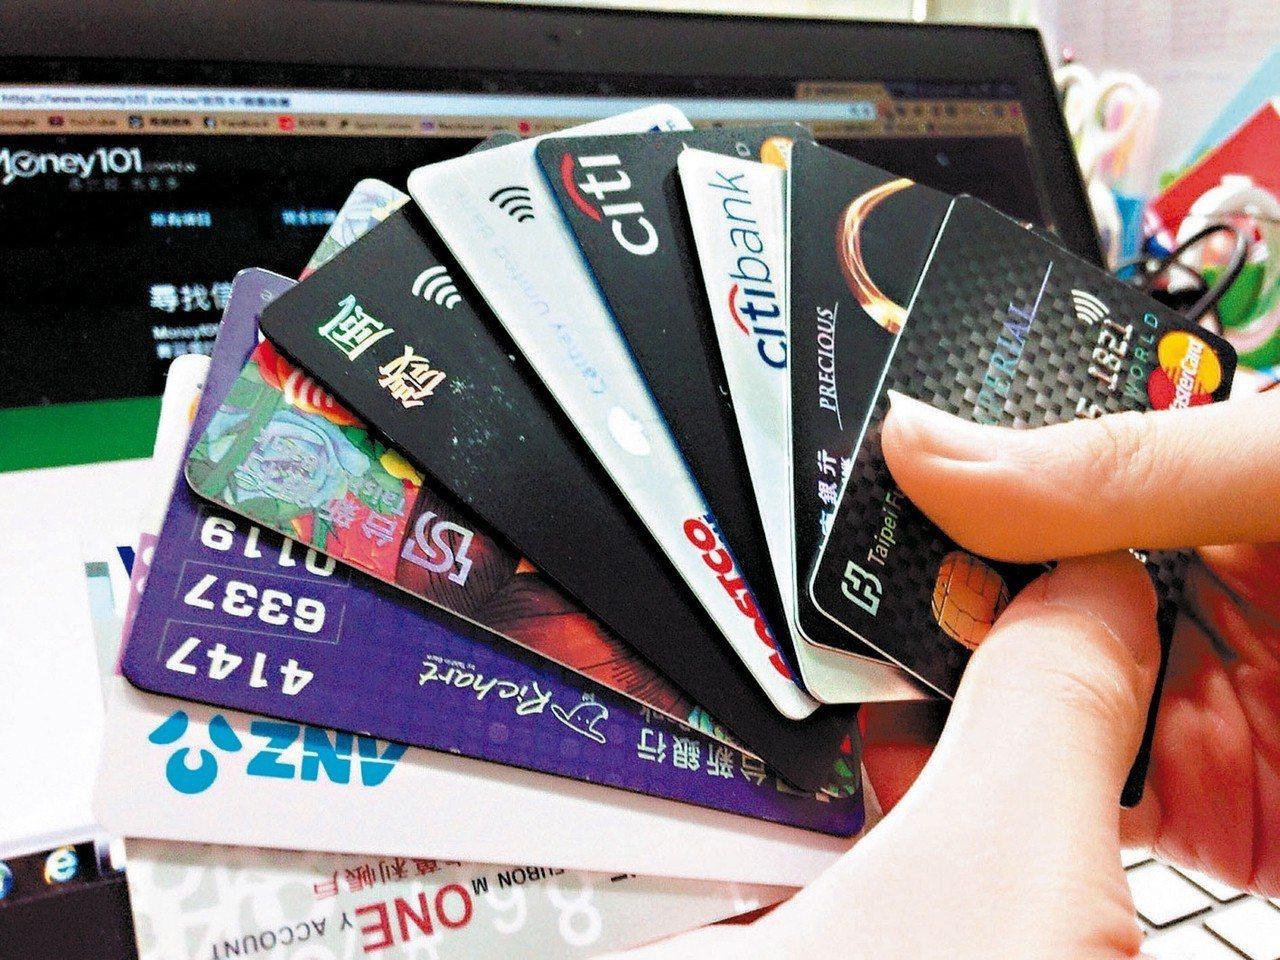 聯合信用卡處理中心今天宣布,10月1日起,至「公務機關信用卡繳費平台」刷卡繳罰款...